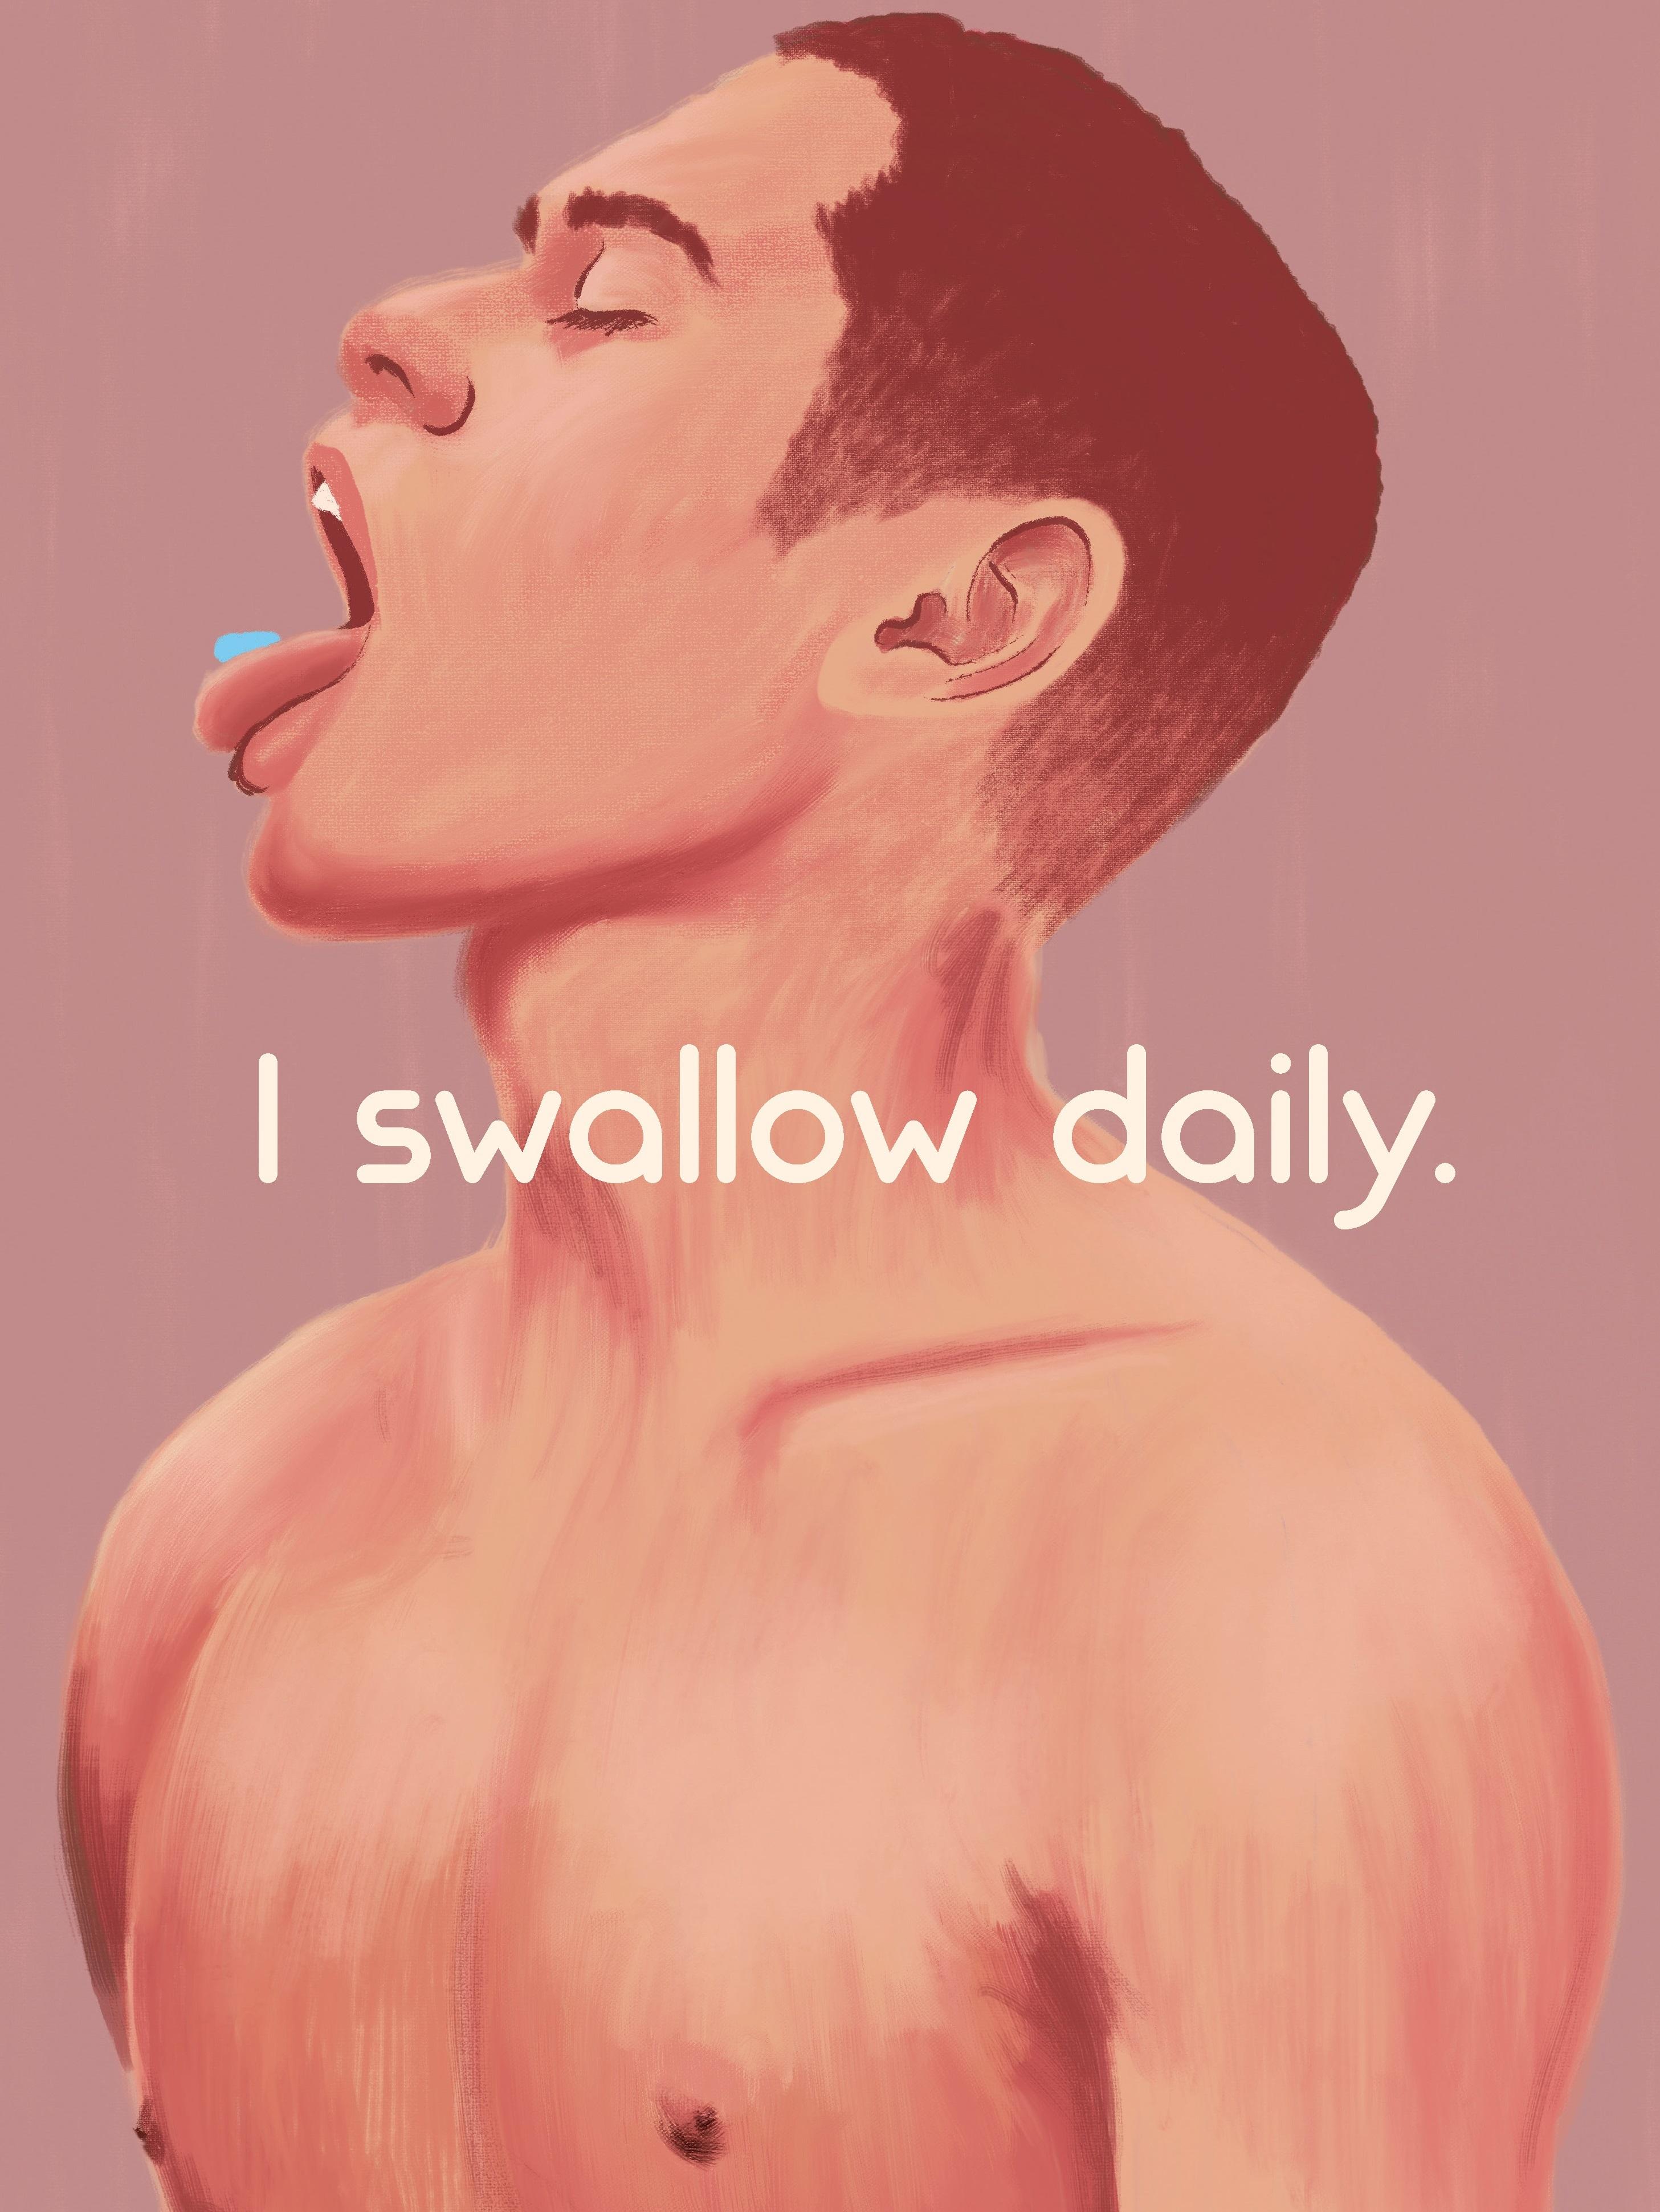 I swallow daily.jpg